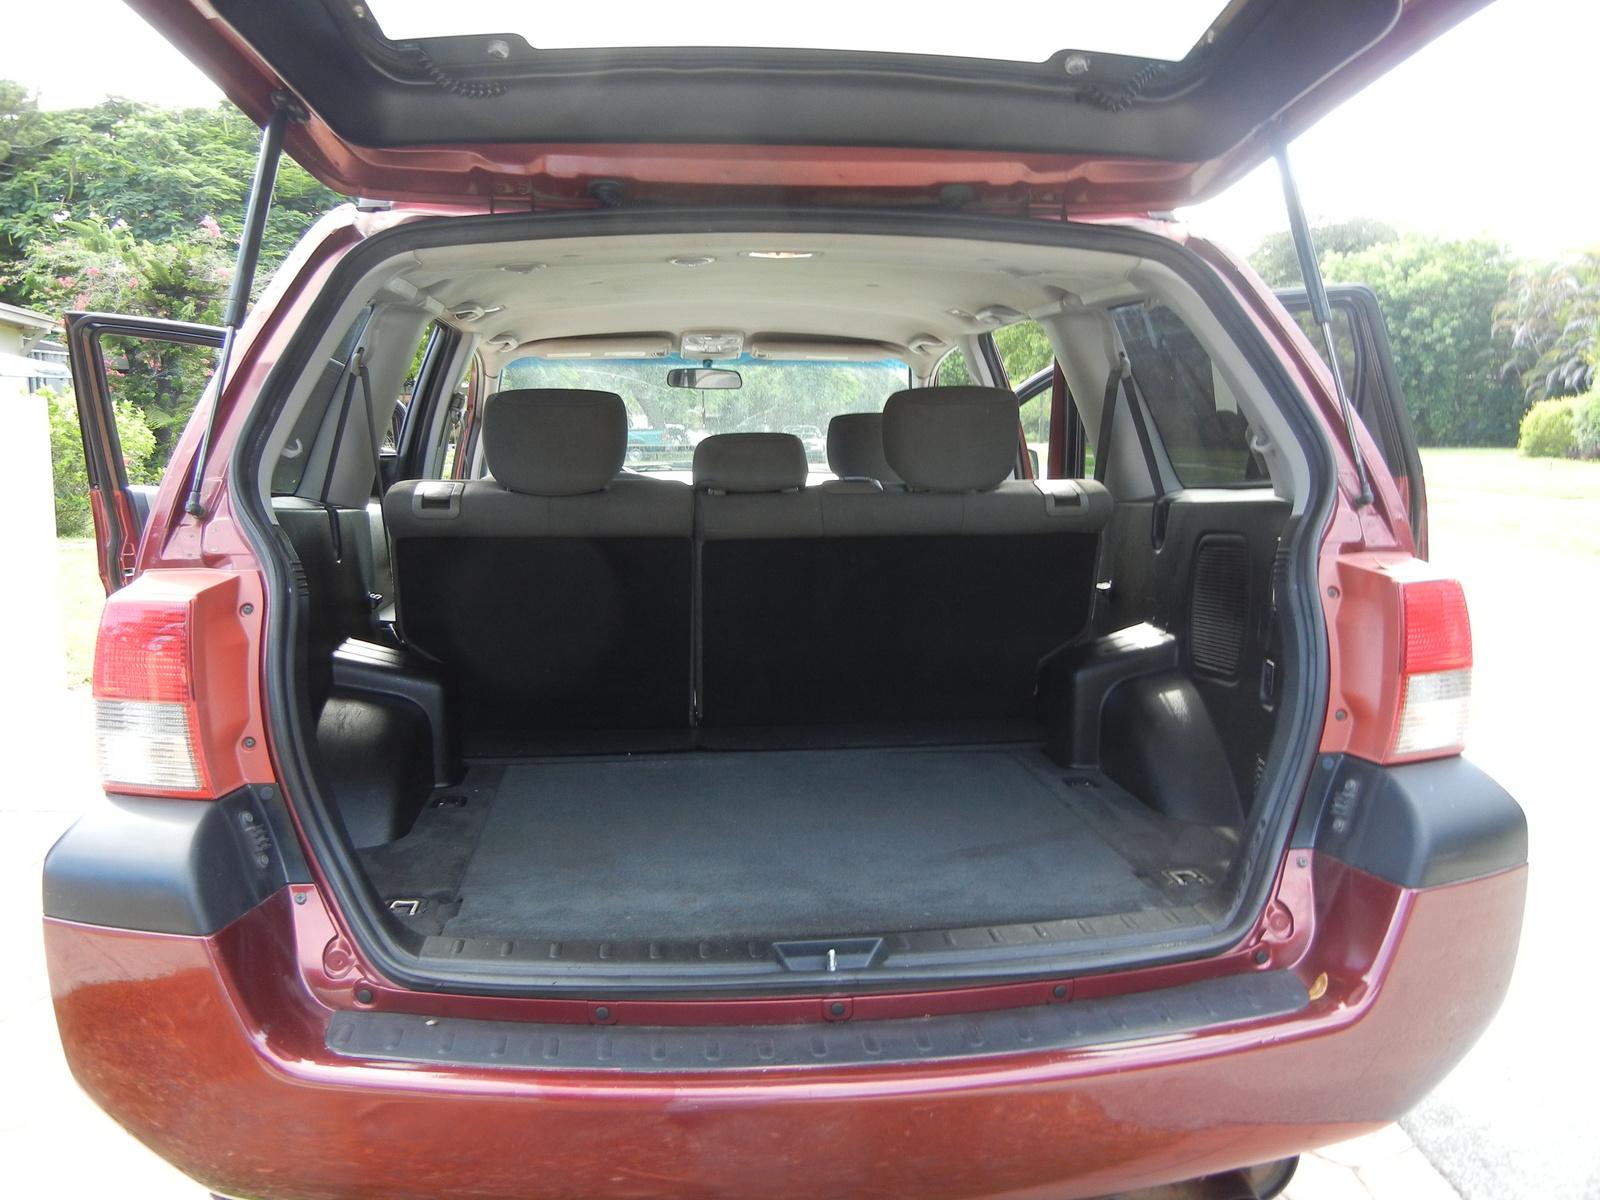 2004 Mitsubishi Endeavor Pictures Cargurus